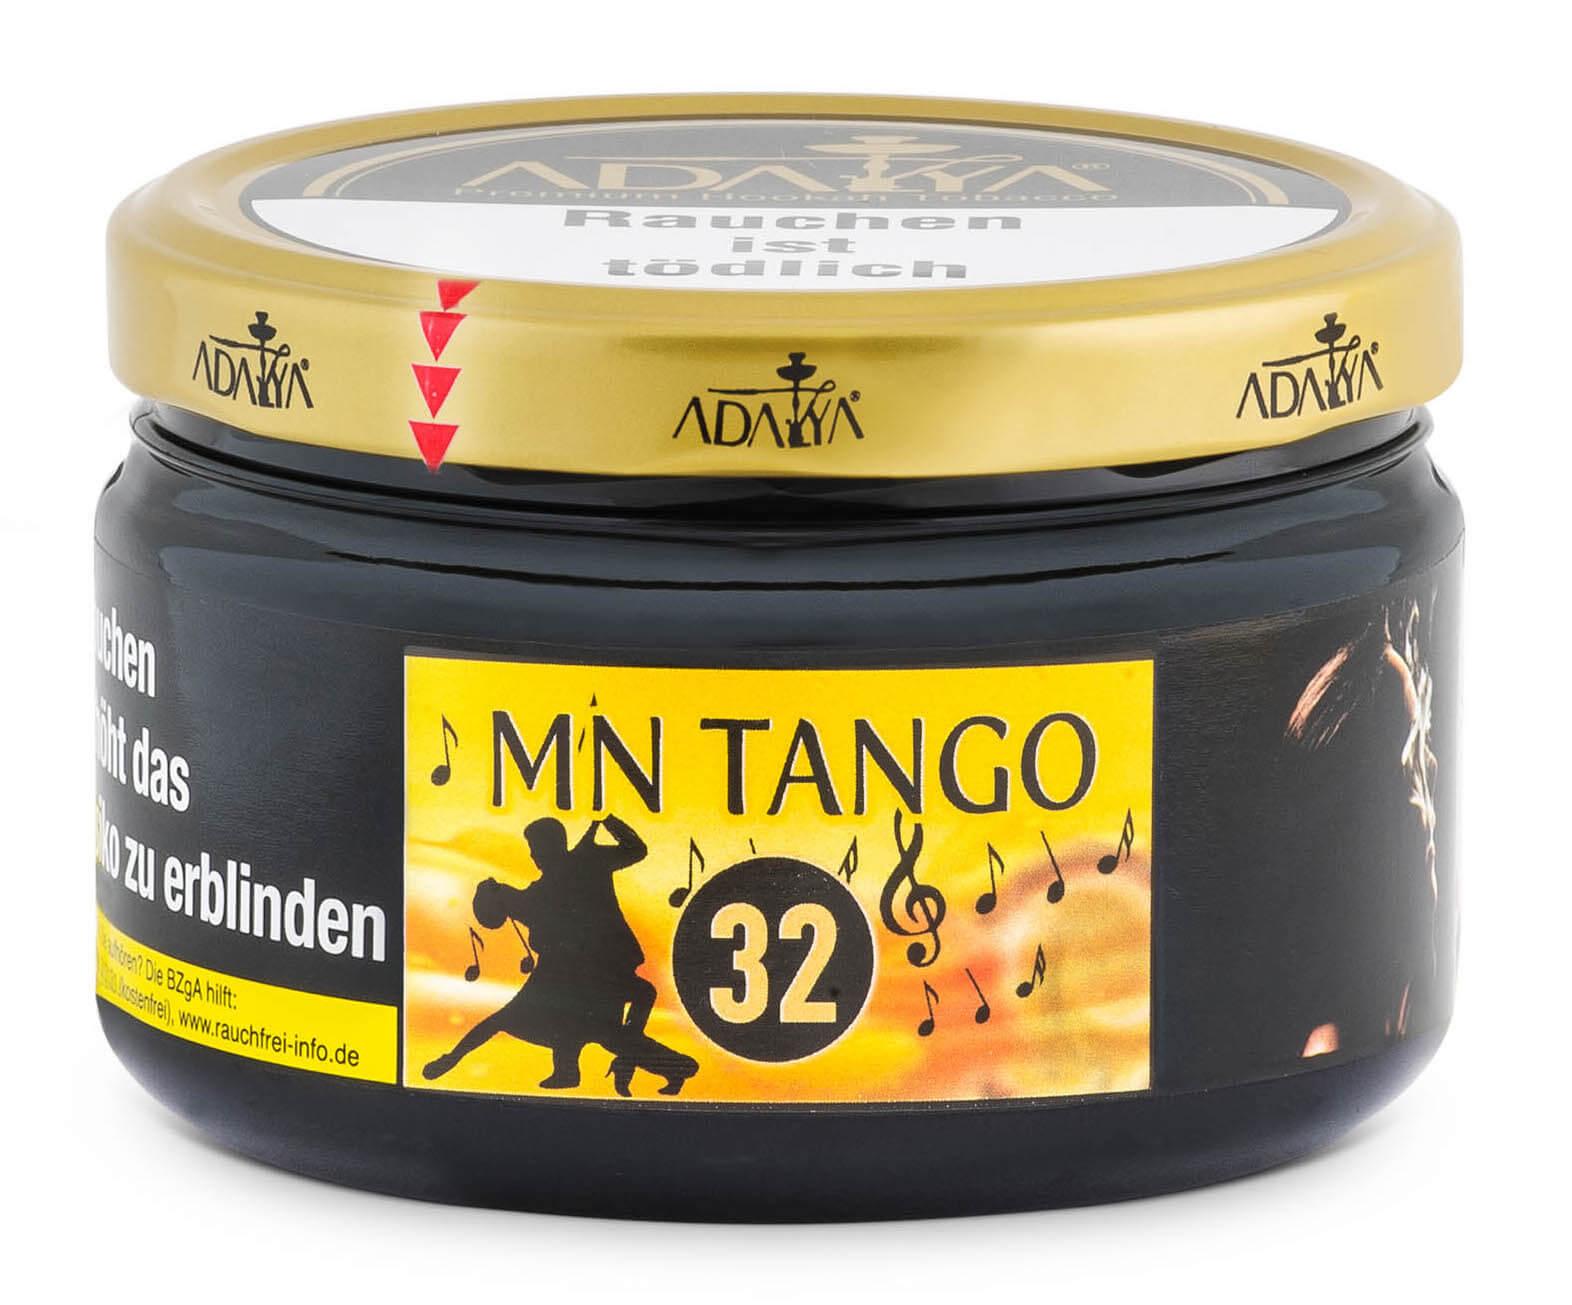 Adalya Tabak Mn Tango #32 200g